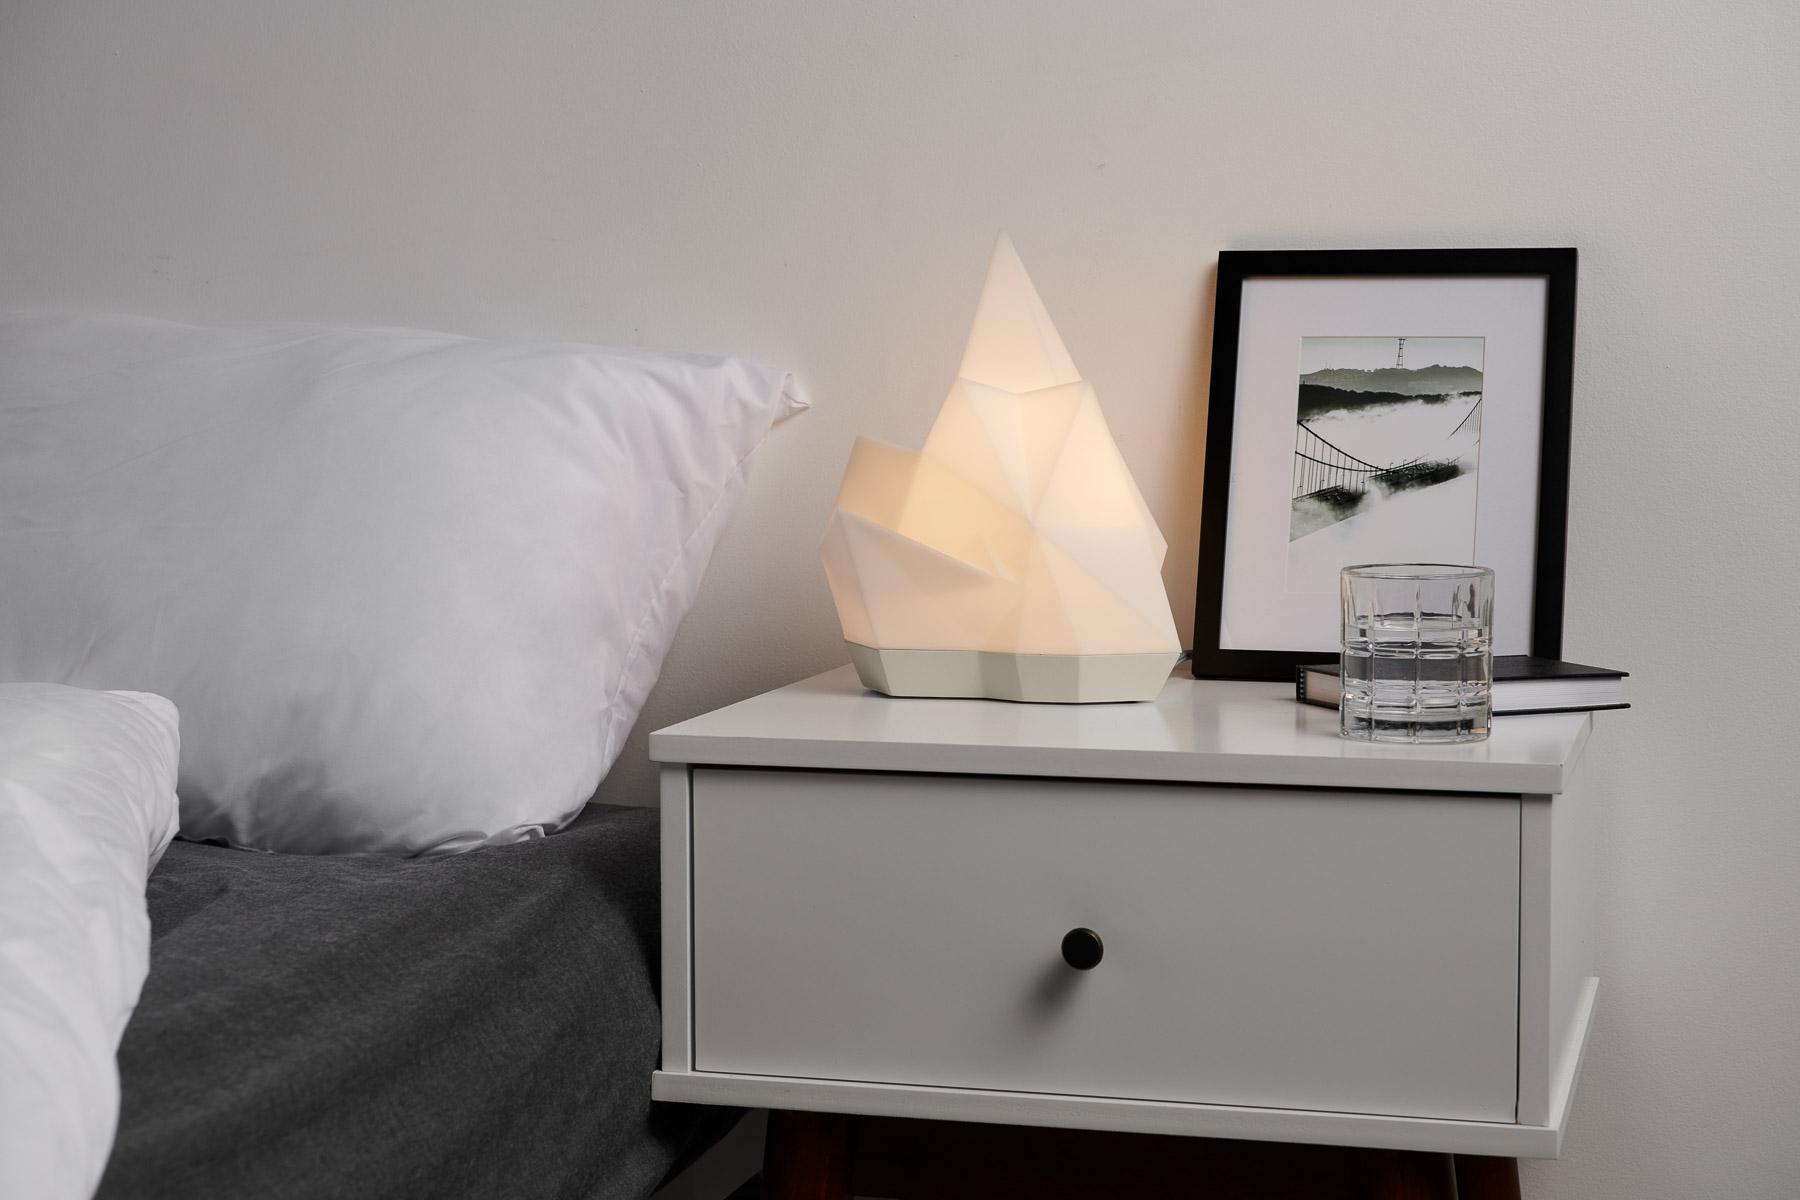 Gantri 3D Sculptural Table Light